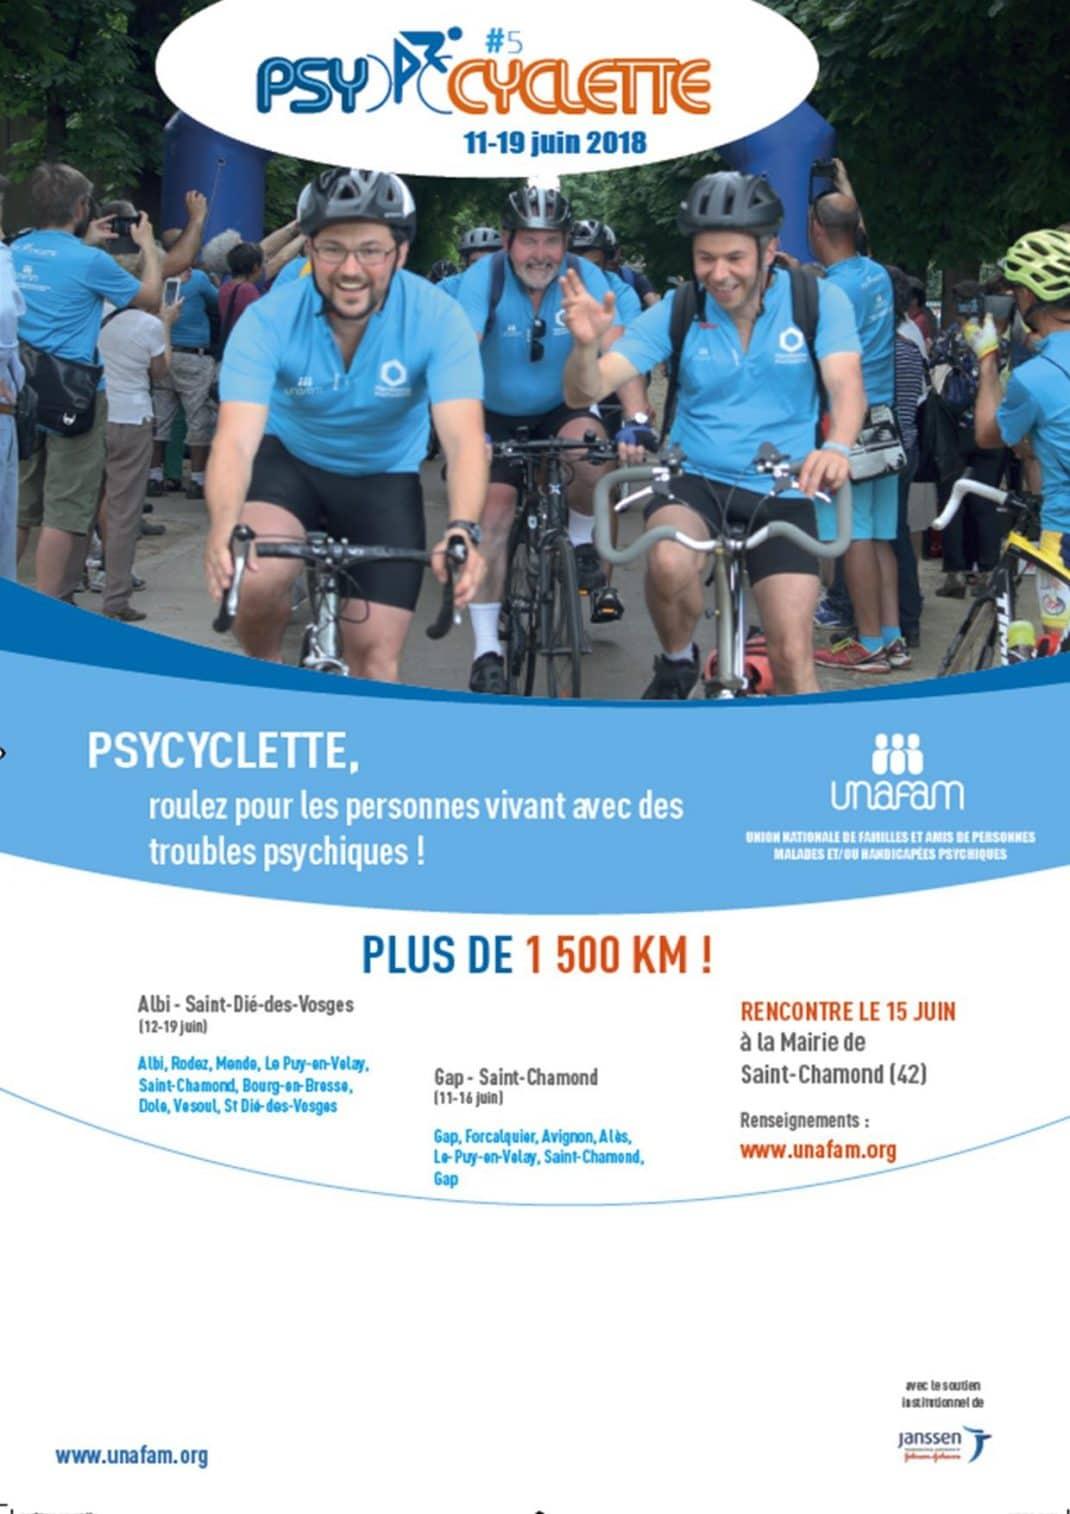 Affiche de la Psycyclette